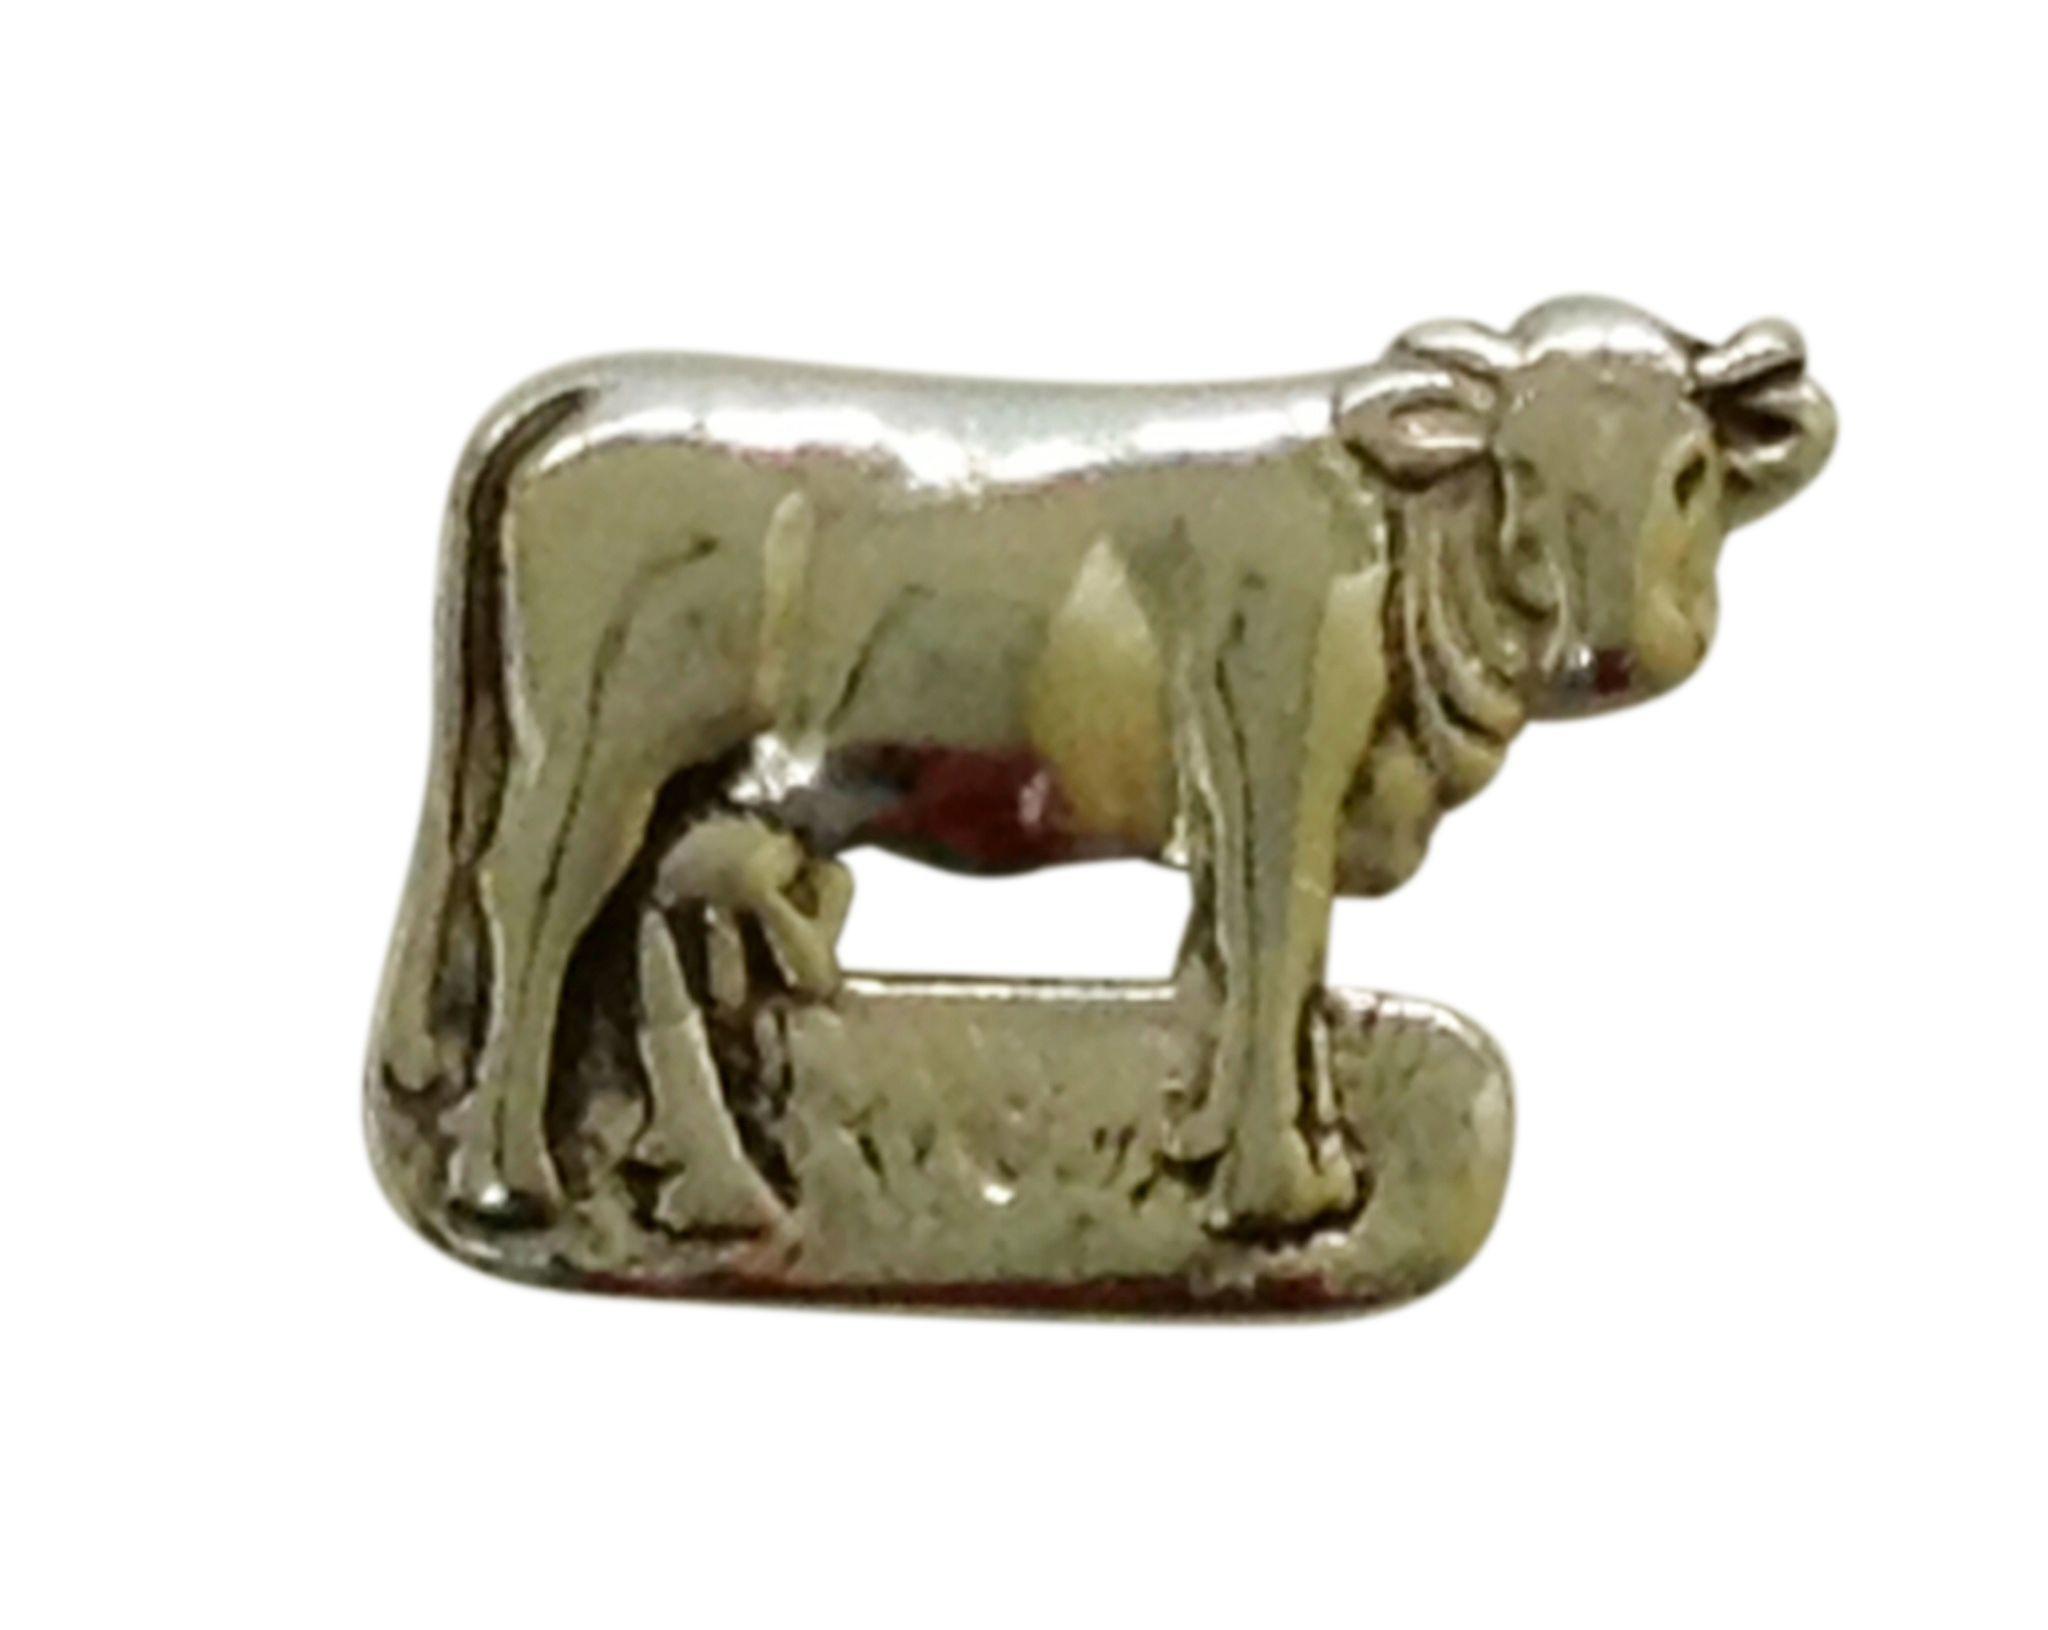 süß der Verkauf von Schuhen exquisiter Stil Original Appenzeller Kuh Ohrstecker (Chüeli) Silber | Silber, Kuh ...